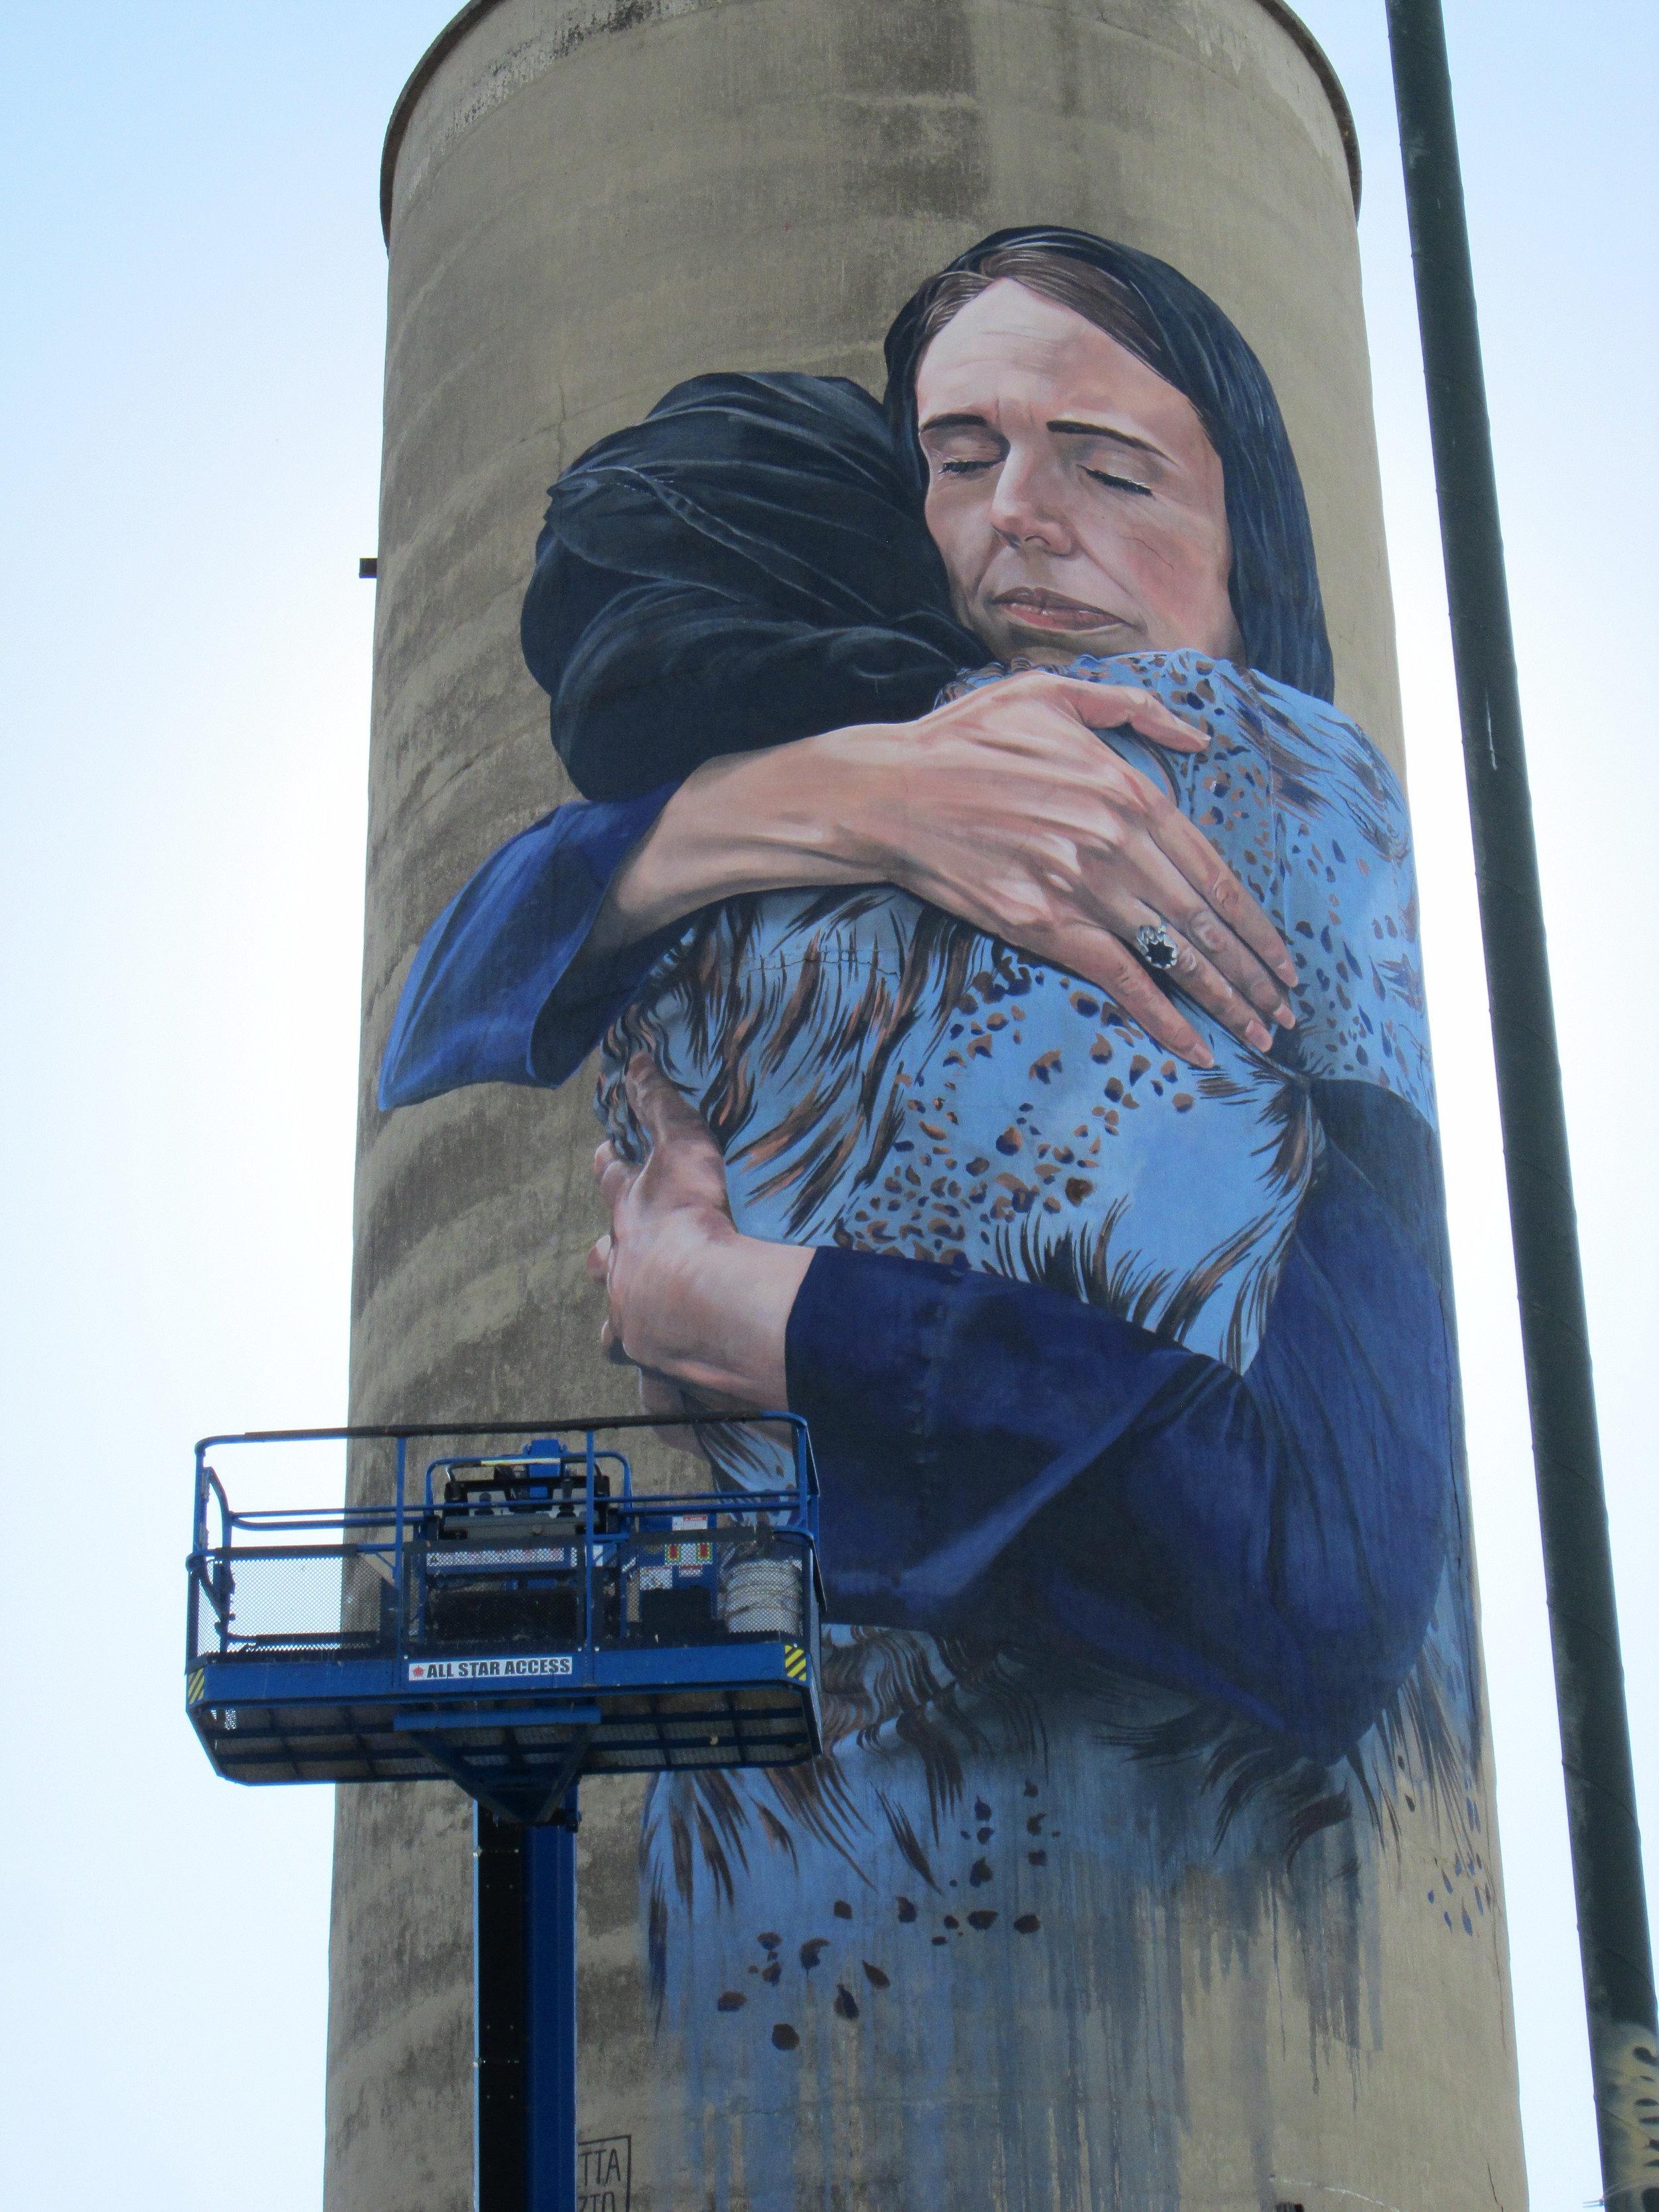 street-art-melbourne-jacinda-ardern-brunswick.JPG